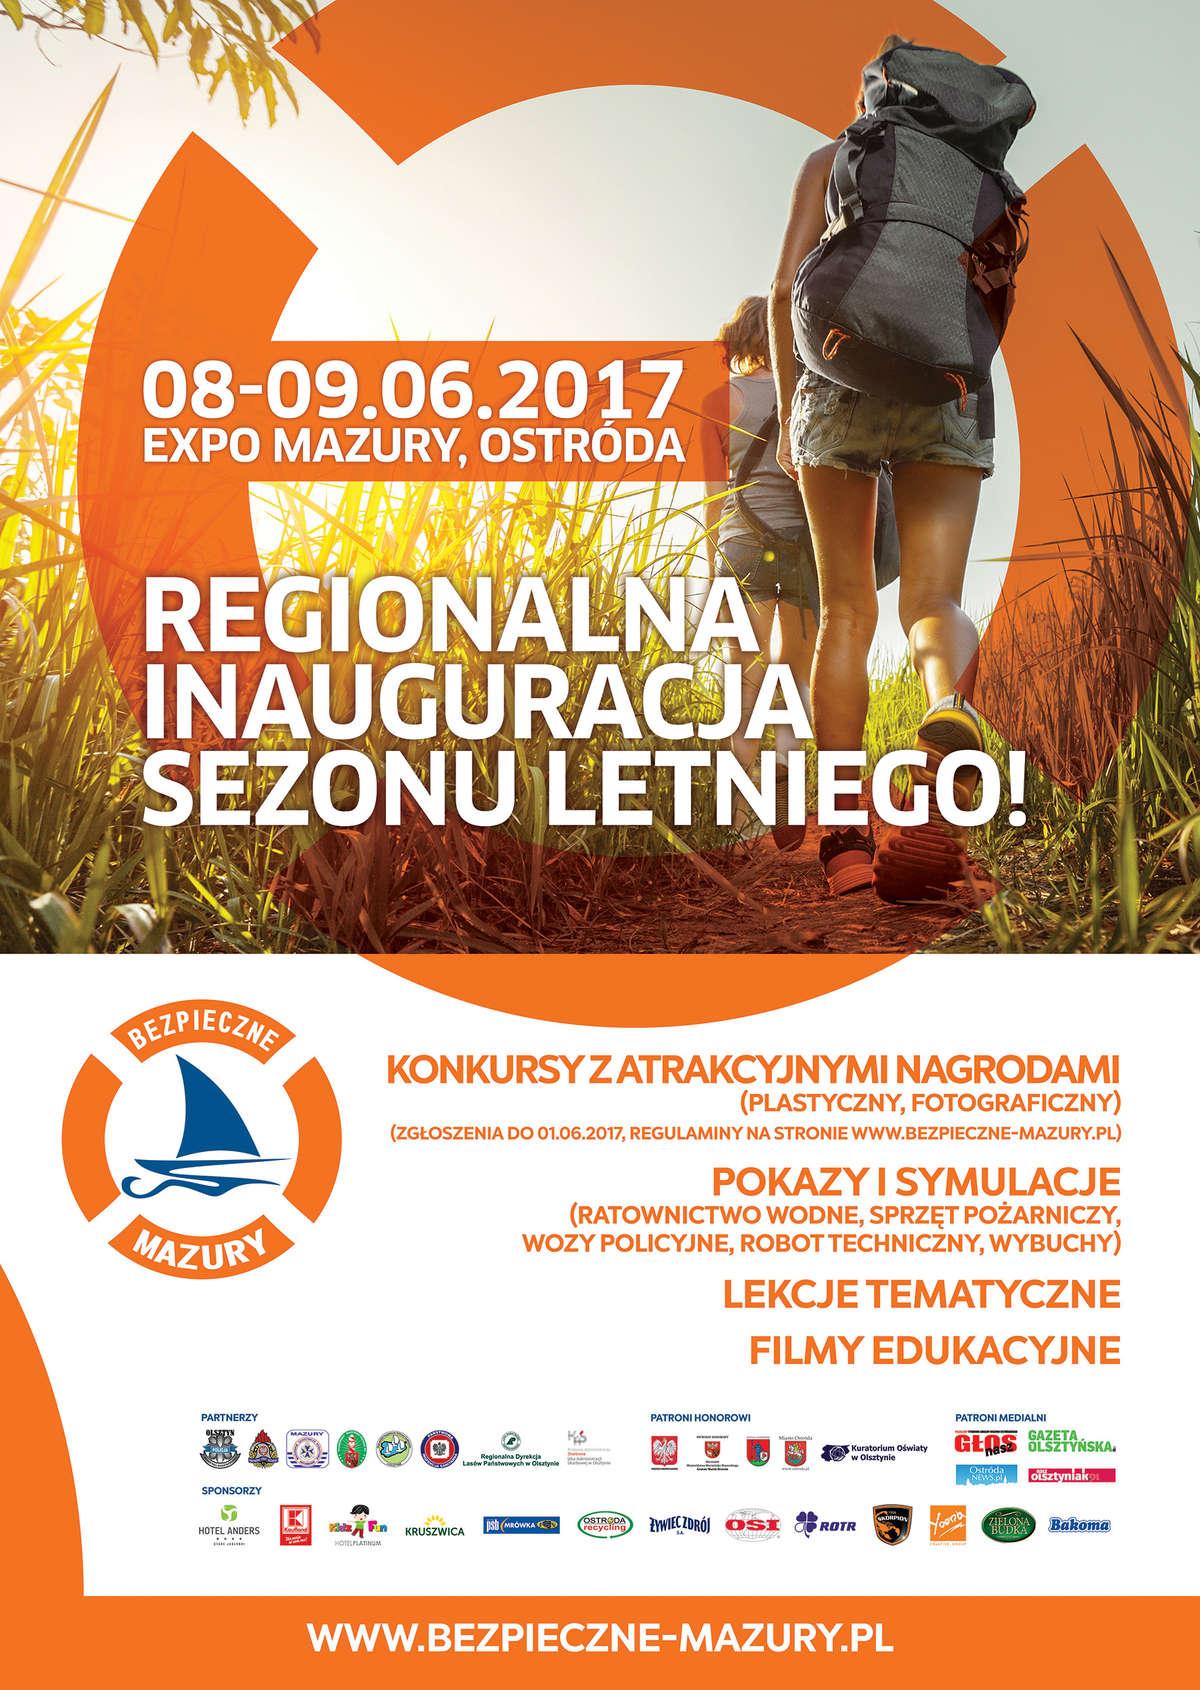 Regionalna inauguracja sezonu letniego – Bezpieczne Mazury - full image